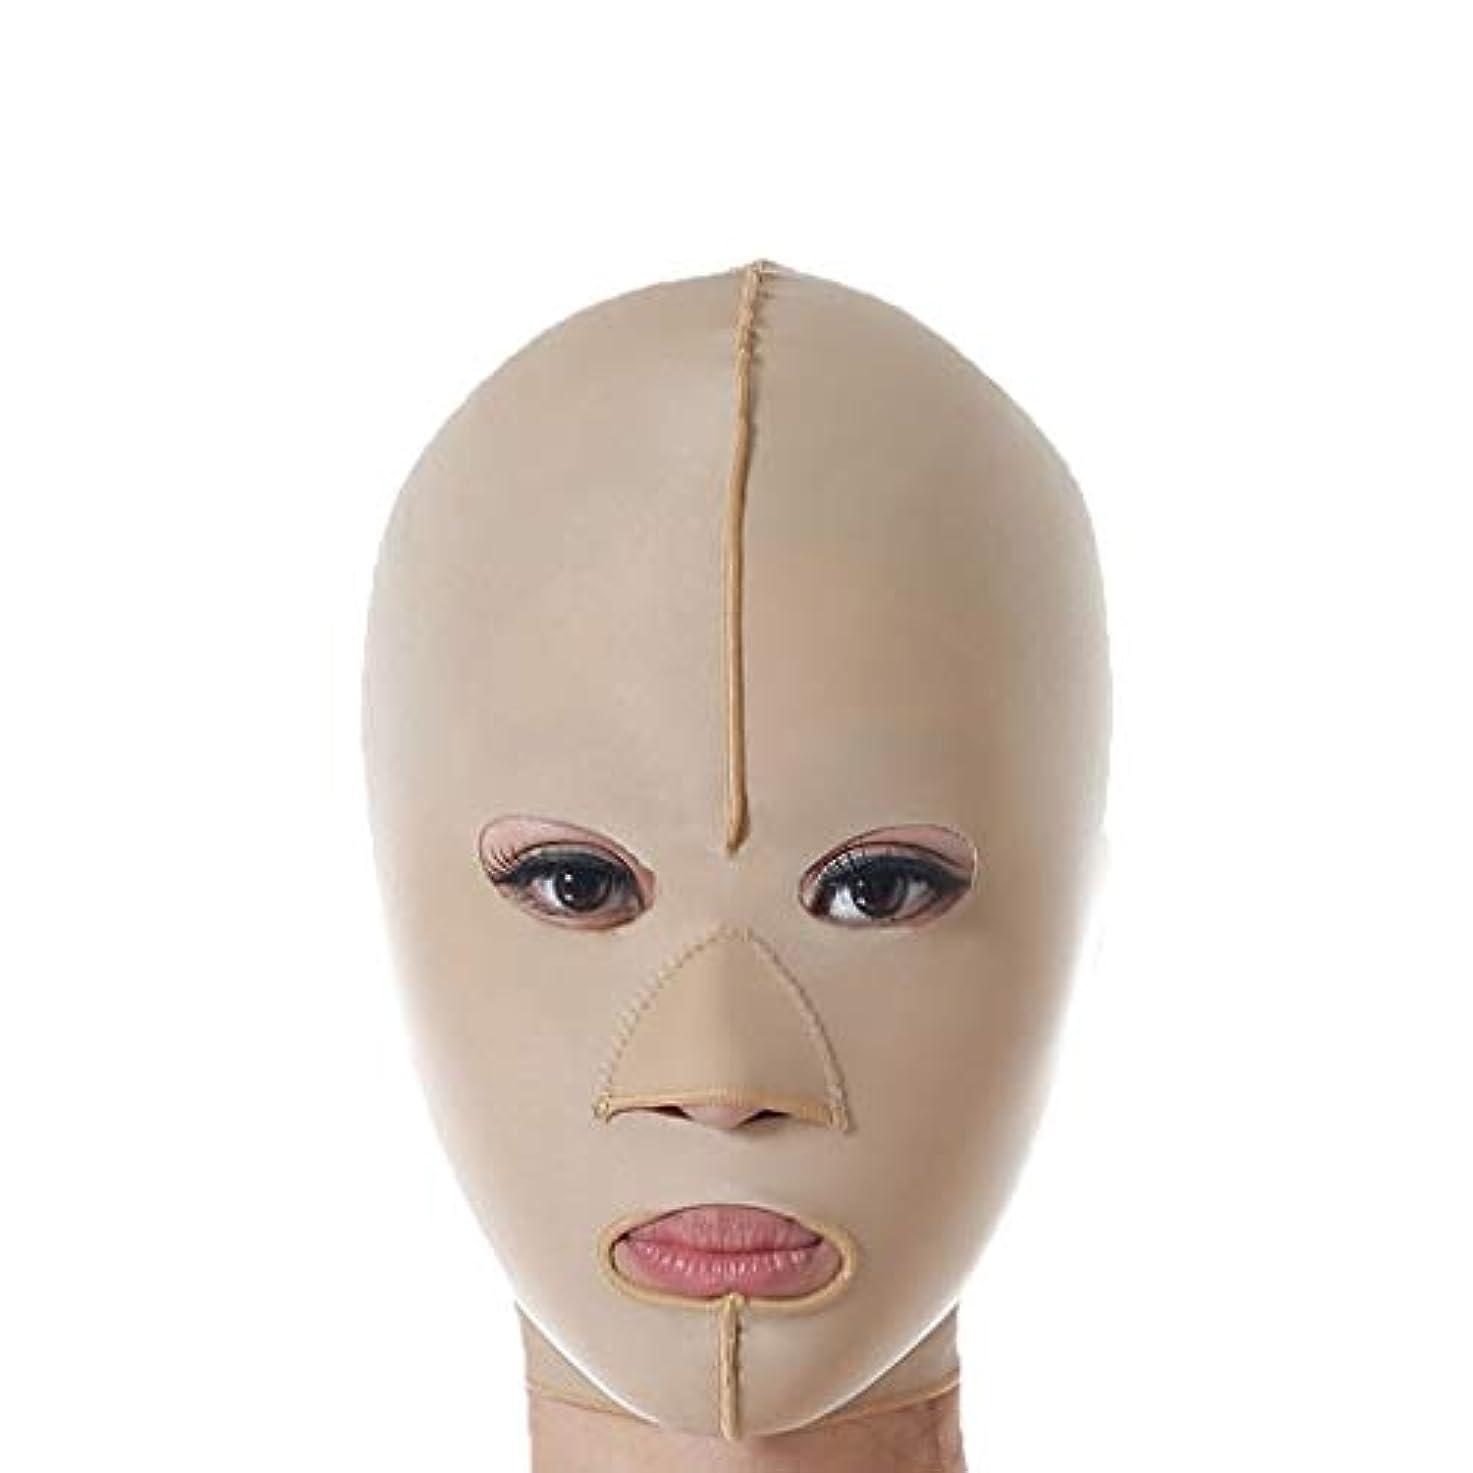 環境保護主義者断線かび臭いXHLMRMJ 減量フェイスマスク、リフティング包帯、スリムフェイスリフトリフティングベルト、フェイシャル減量リフティング包帯 (Size : L)